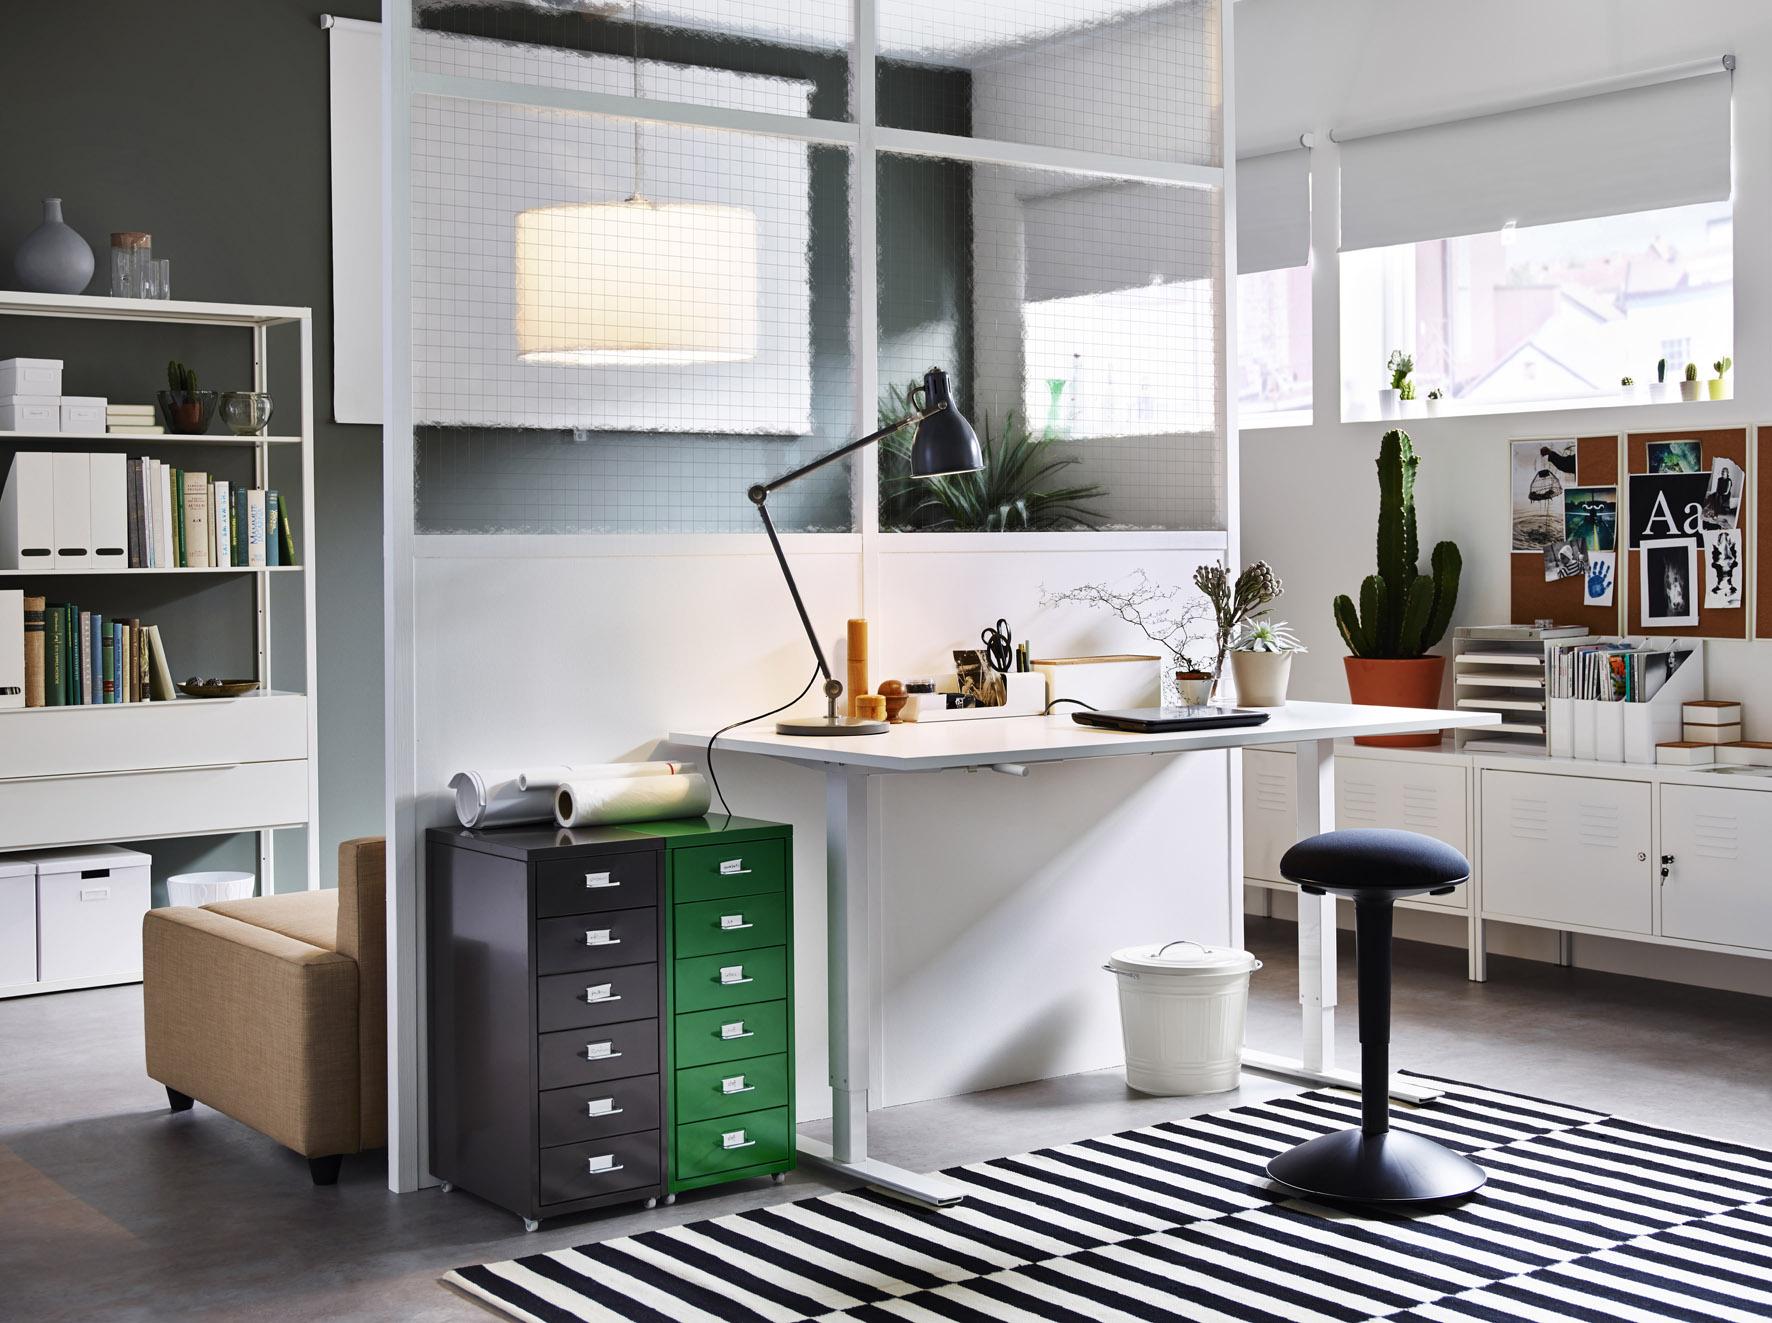 Ikea keuken consumentenbond u informatie over de keuken